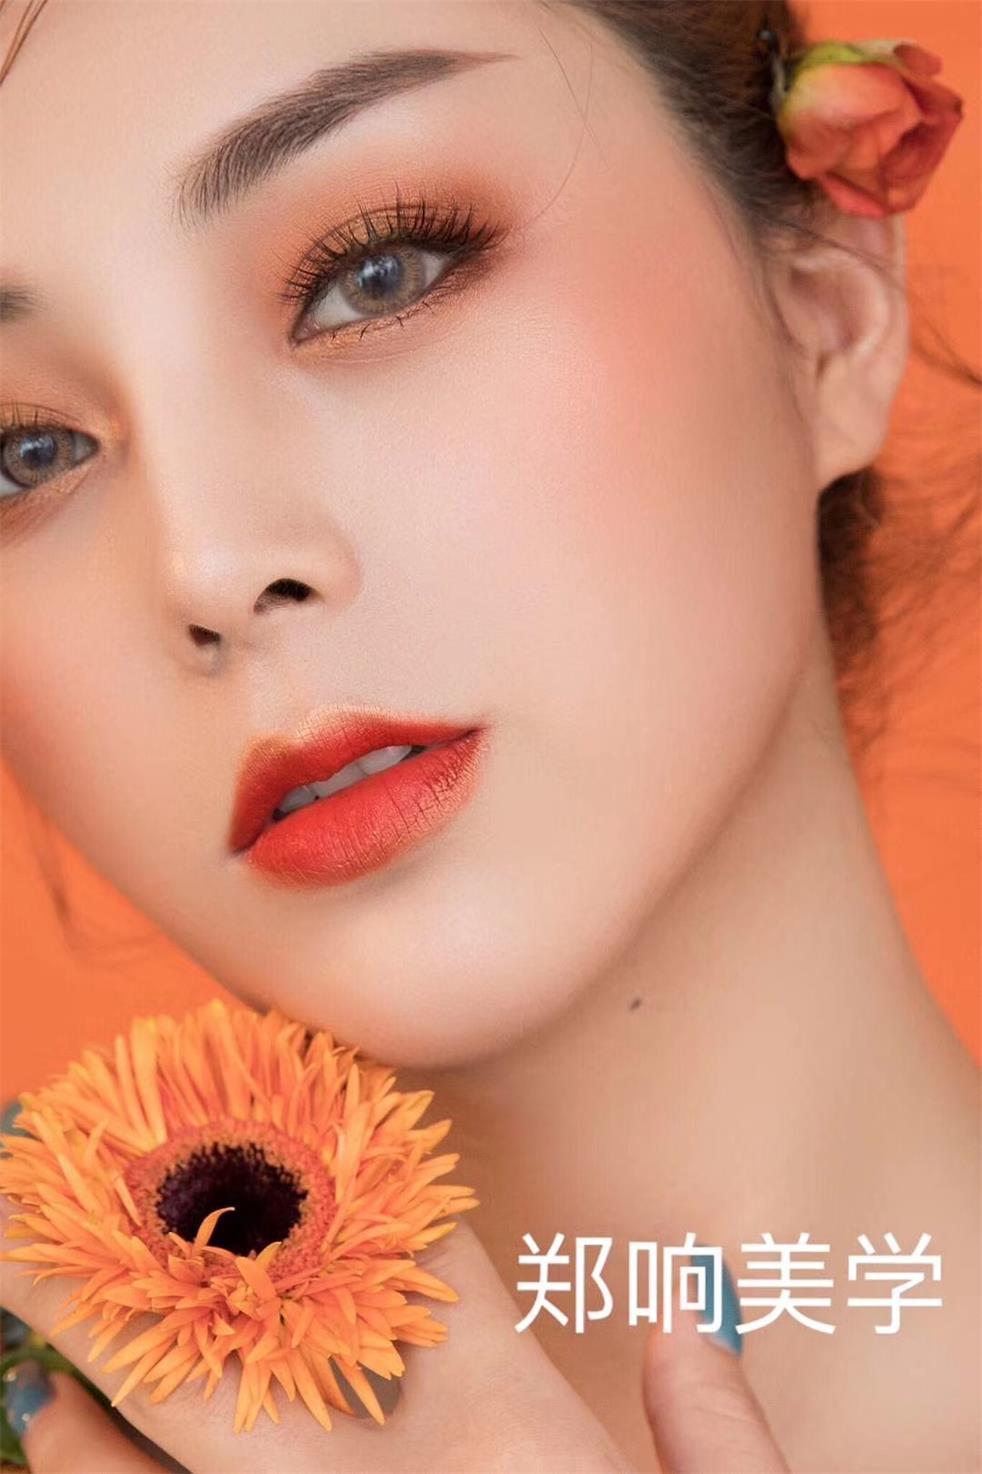 青海省西宁市半永久化妆价格怎么样 欢迎咨询 青海郑响文化传播供应